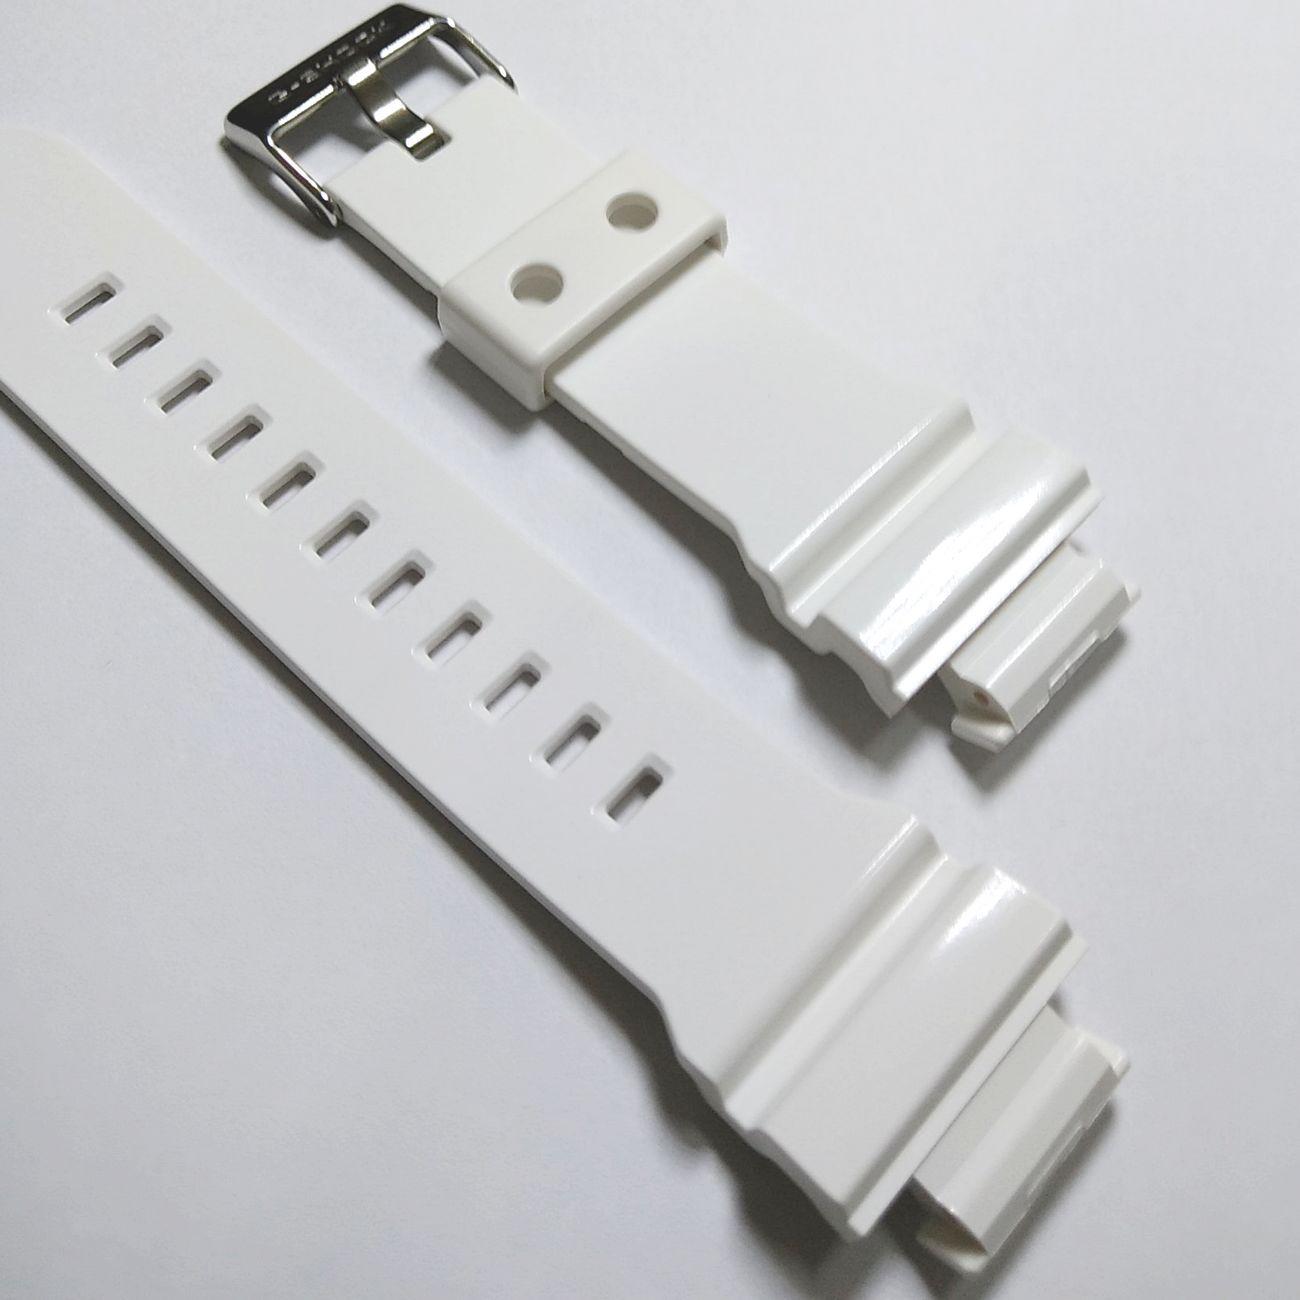 Pulseira Casio G-shock GD-X6900FB-7 Resina Branco Verniz  - E-Presentes